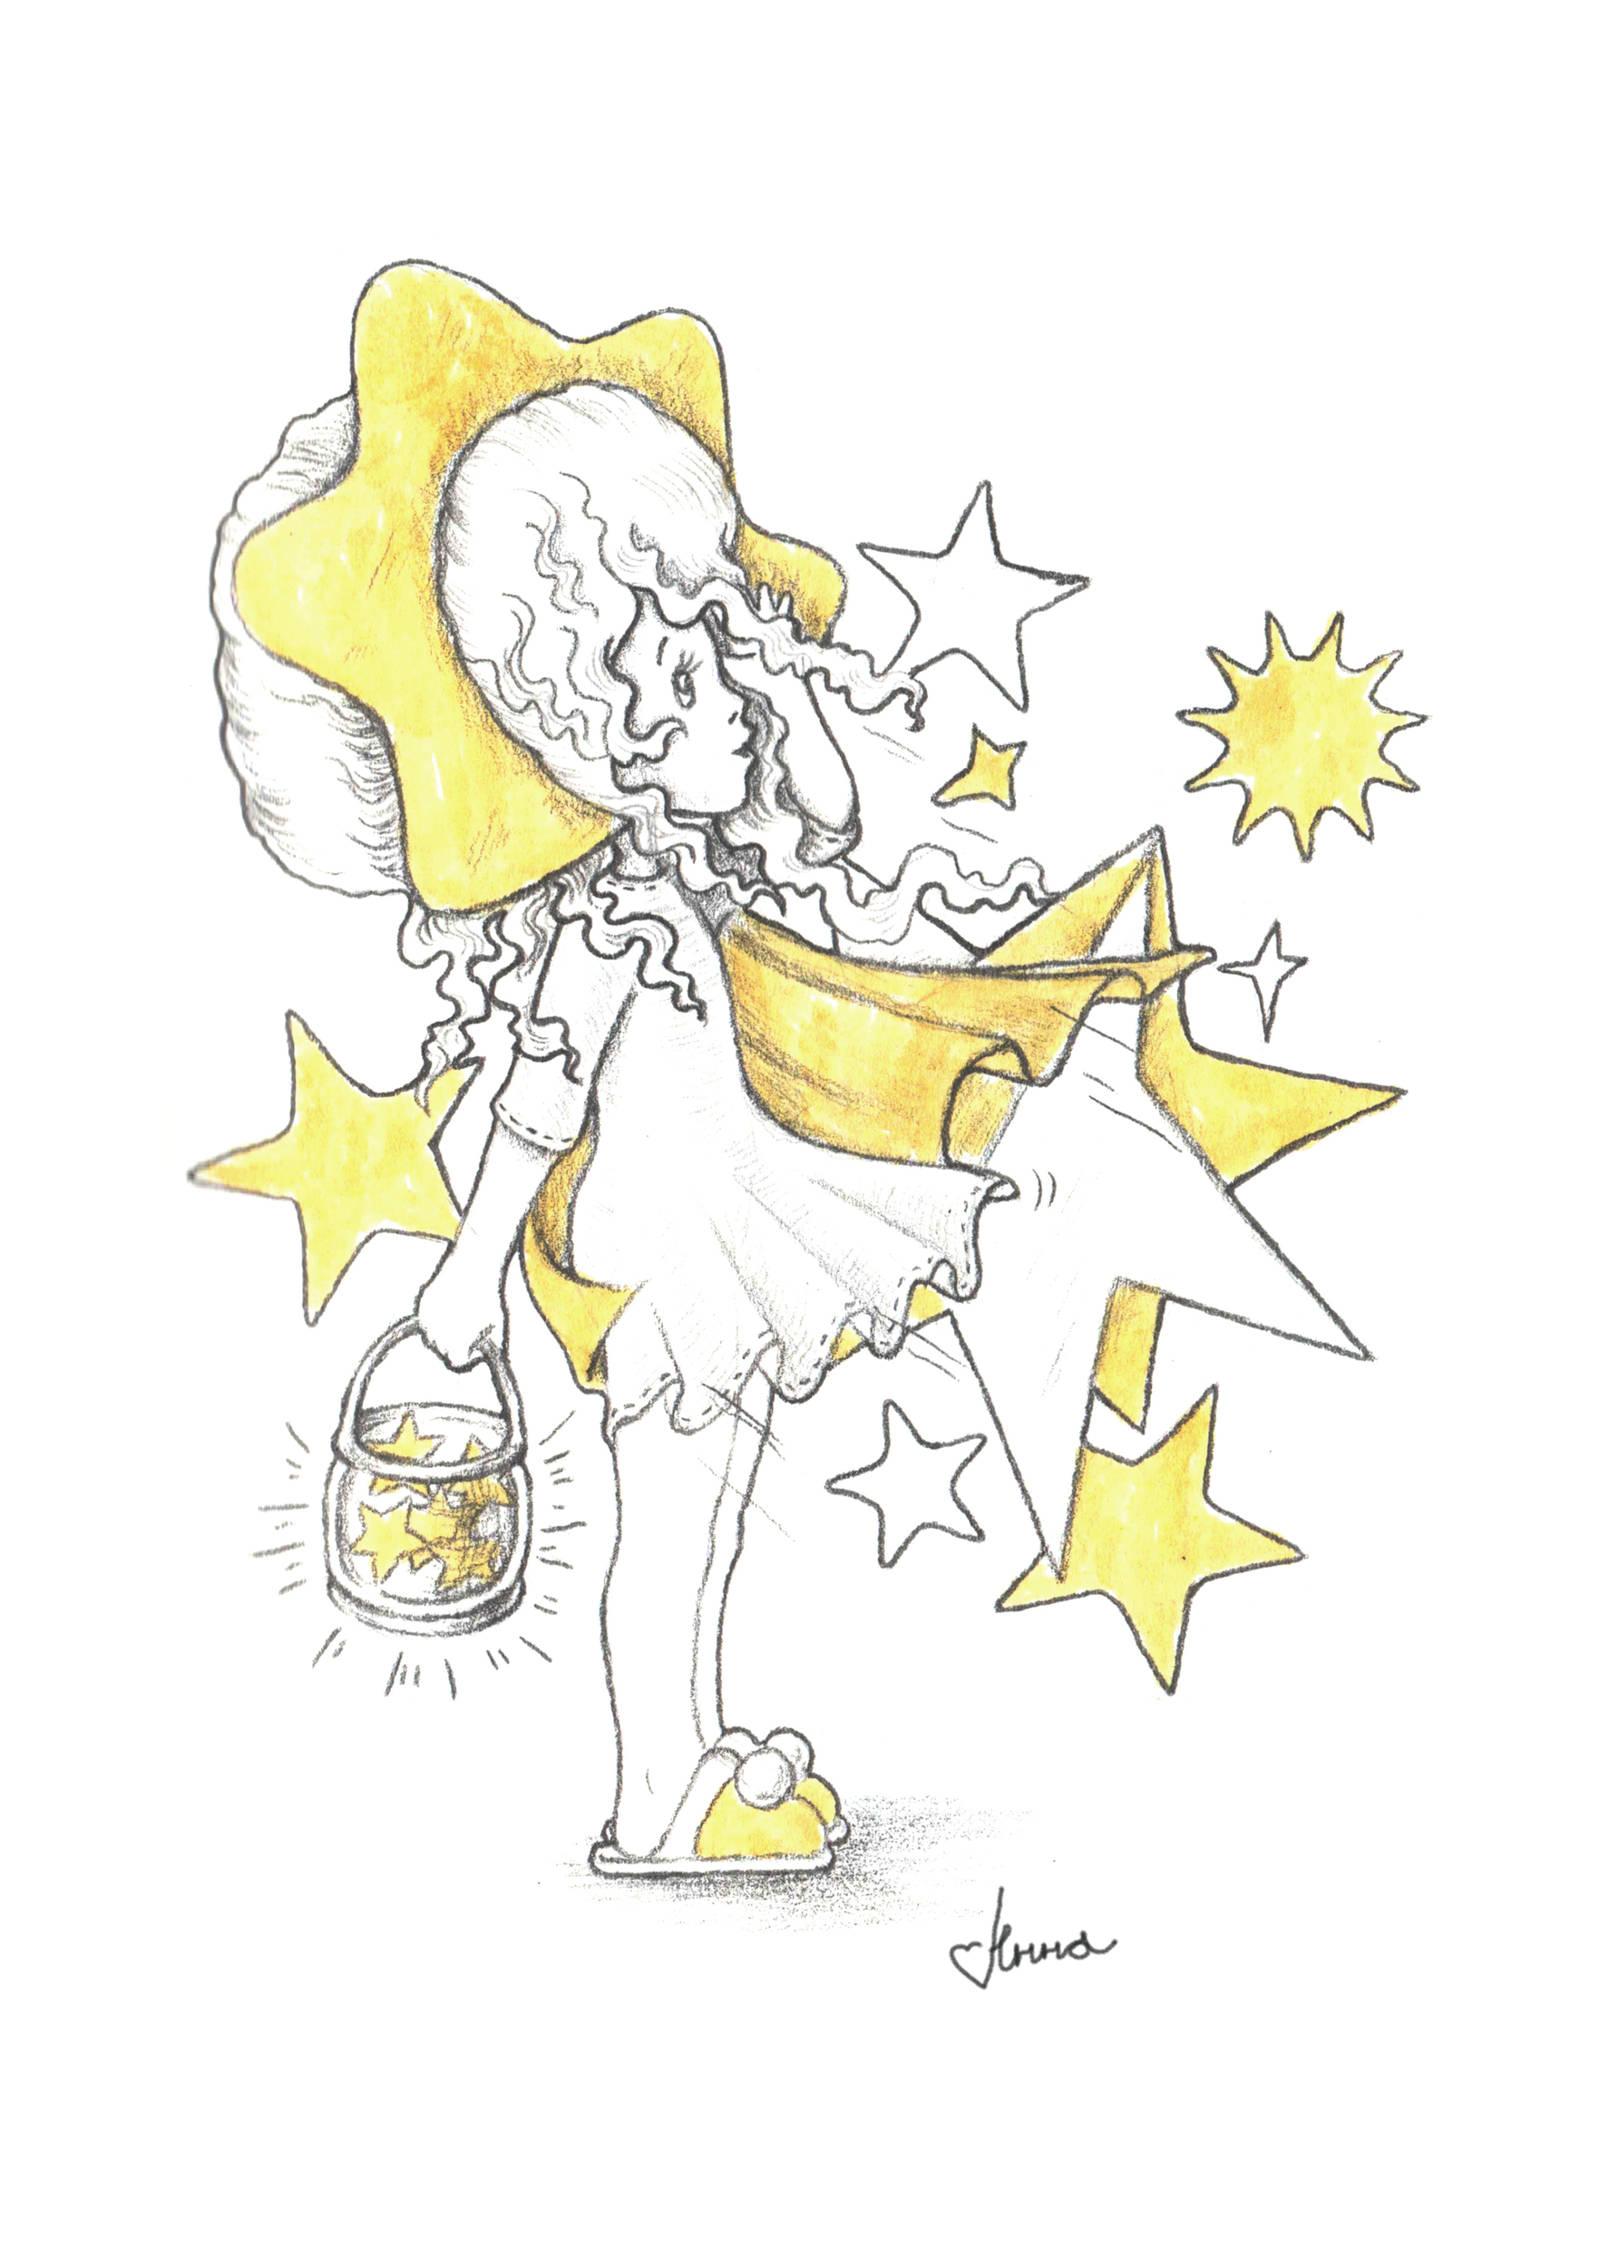 """""""Девочка - звезда"""". Серия """"Детские шалости"""". Графика, 2016 год.  Звёзды падают... Звёзды галактики... Мы так редко смотрим в небо, что звёзды в городах почти не видны. Скоро они и вовсе исчезнут как боги..."""